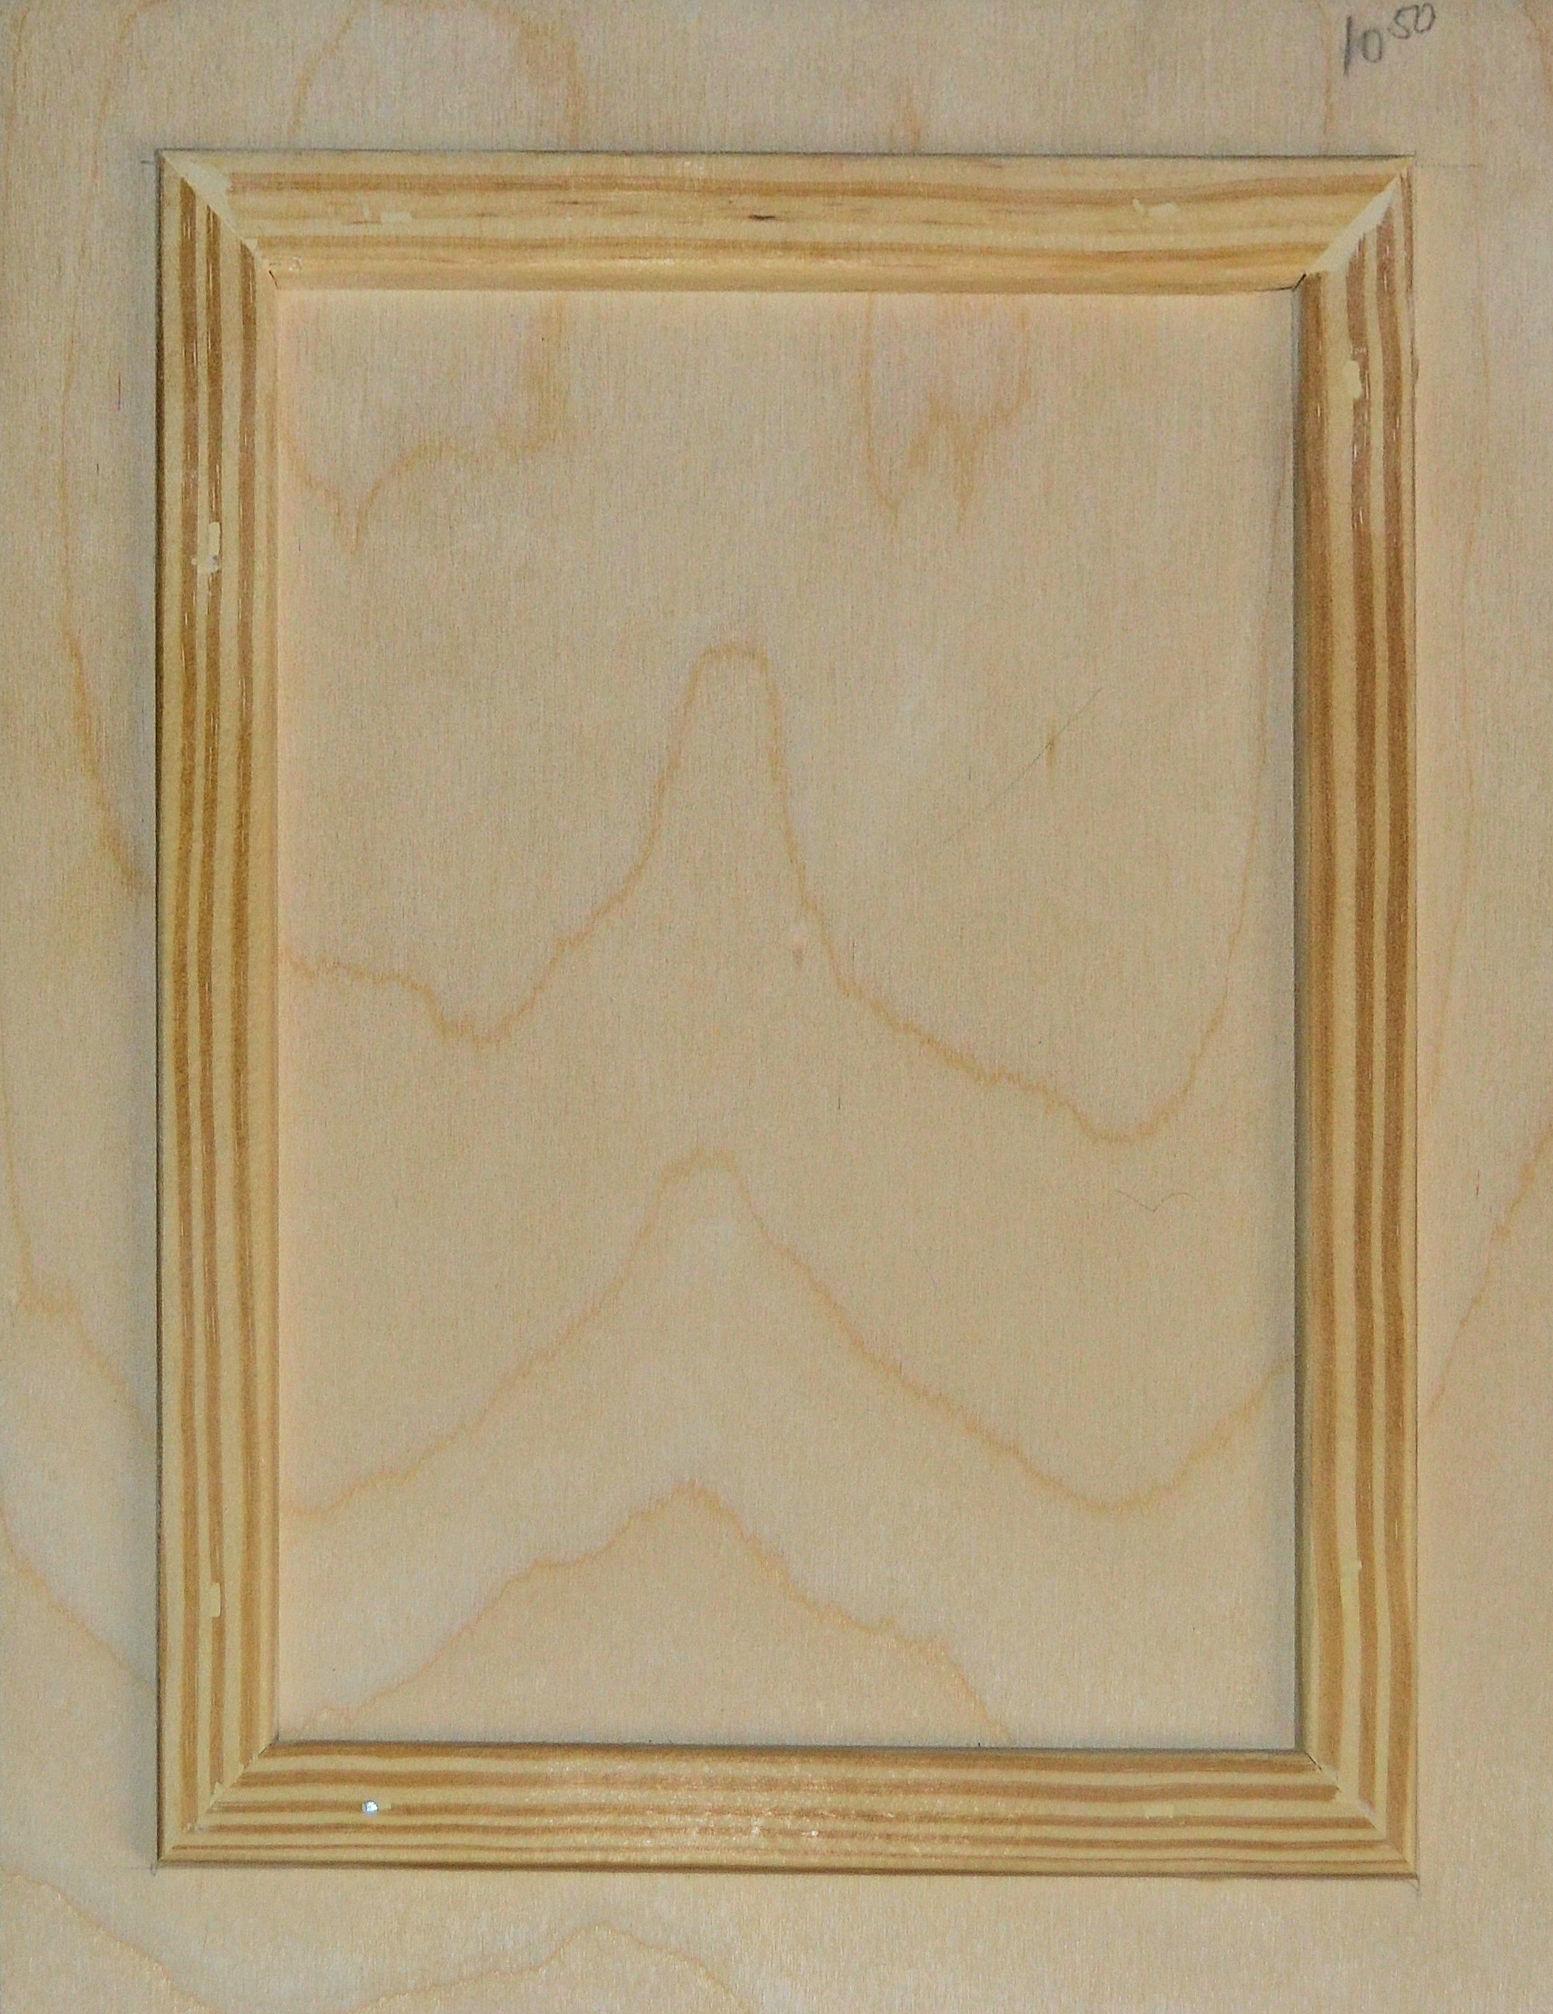 wood-frame11-x-9-and-6-x-8-wf20190131vertical.jpg